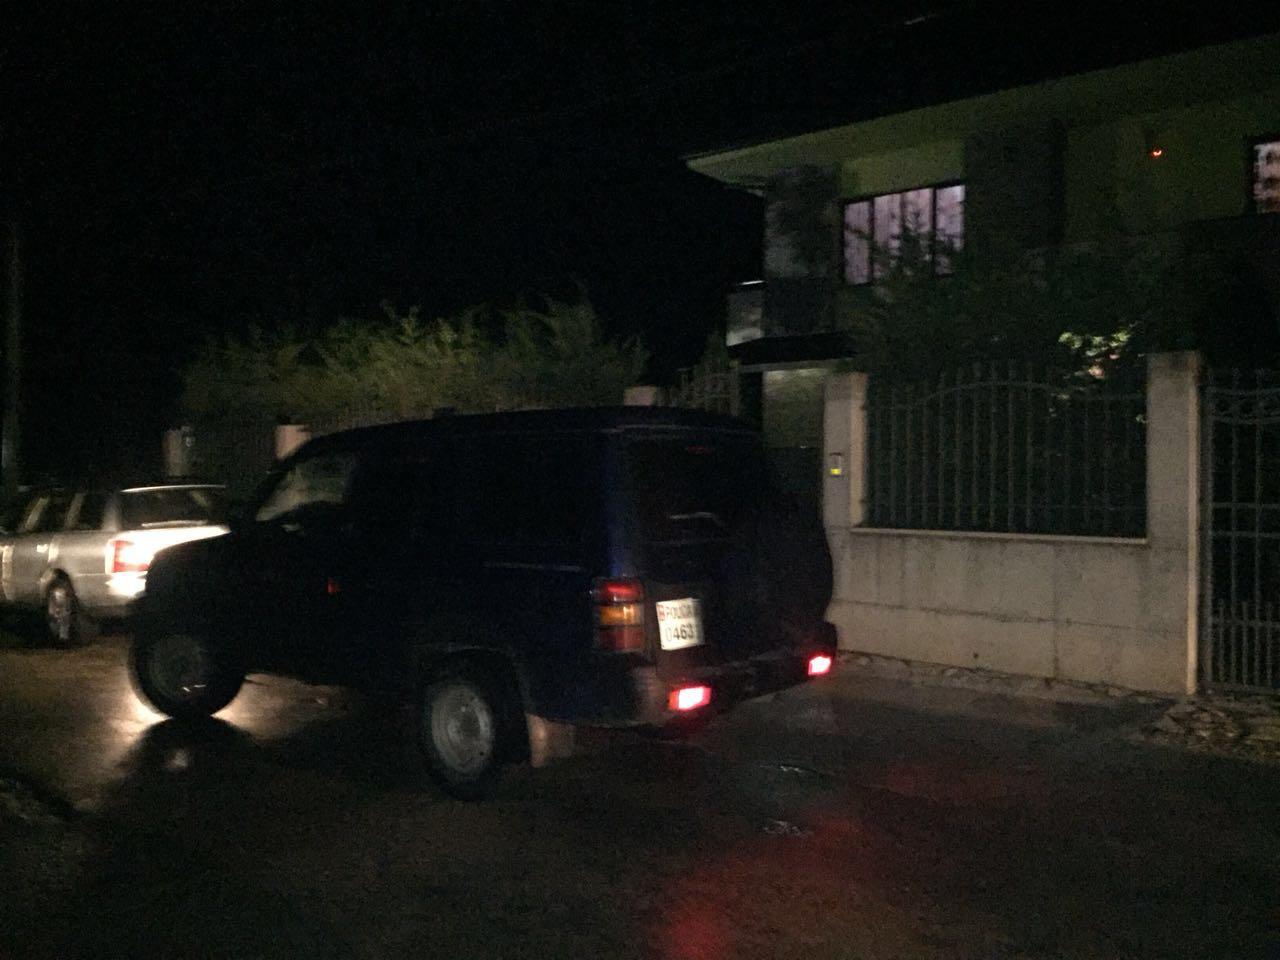 1 person i plagosur në Lezhë, shokuese ajo që ndodhi pak më parë në këtë banesë